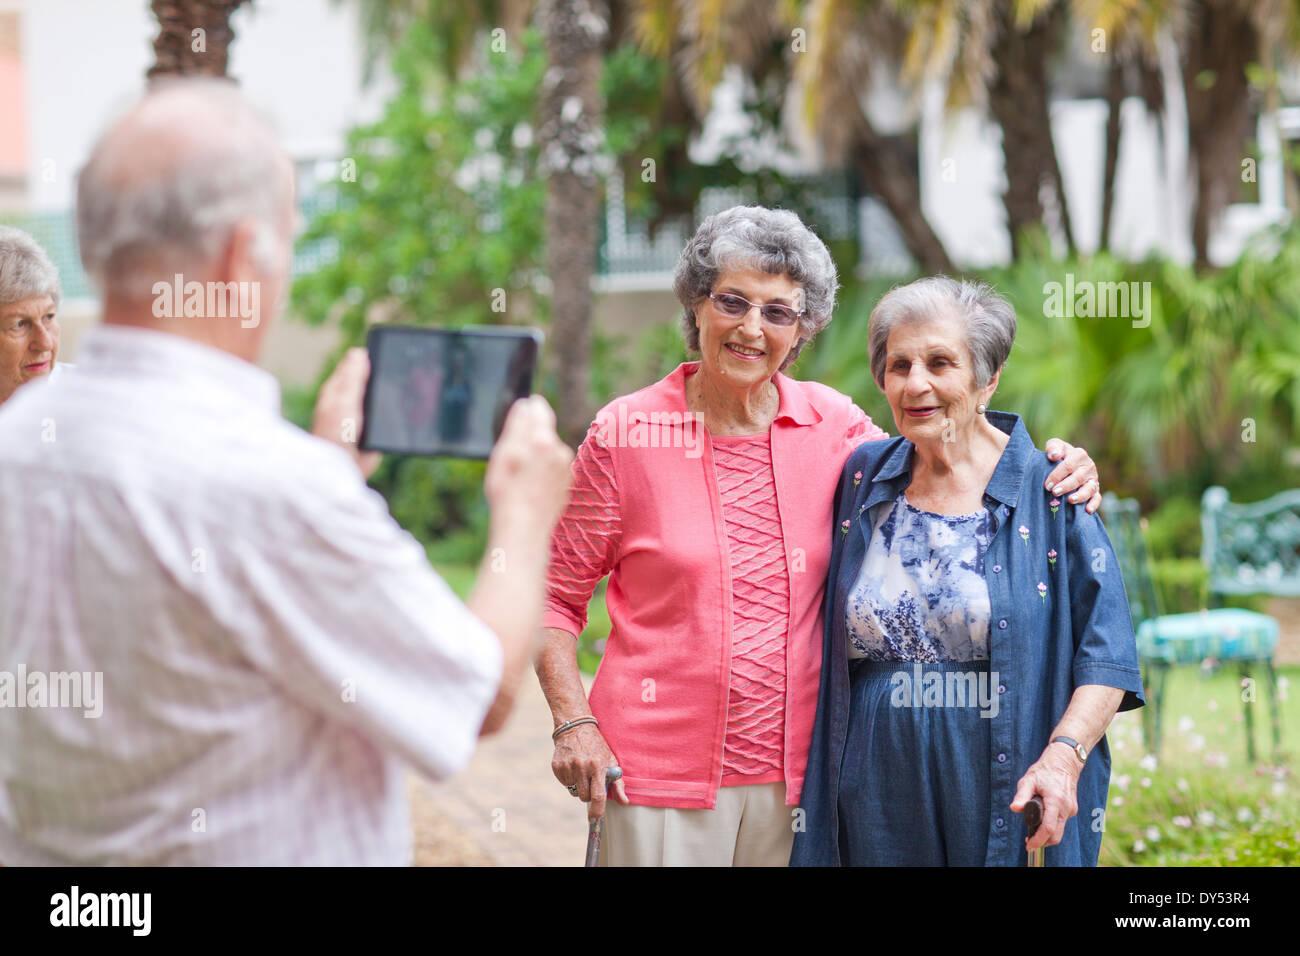 Man photographing amis à la retraite villa garden Photo Stock